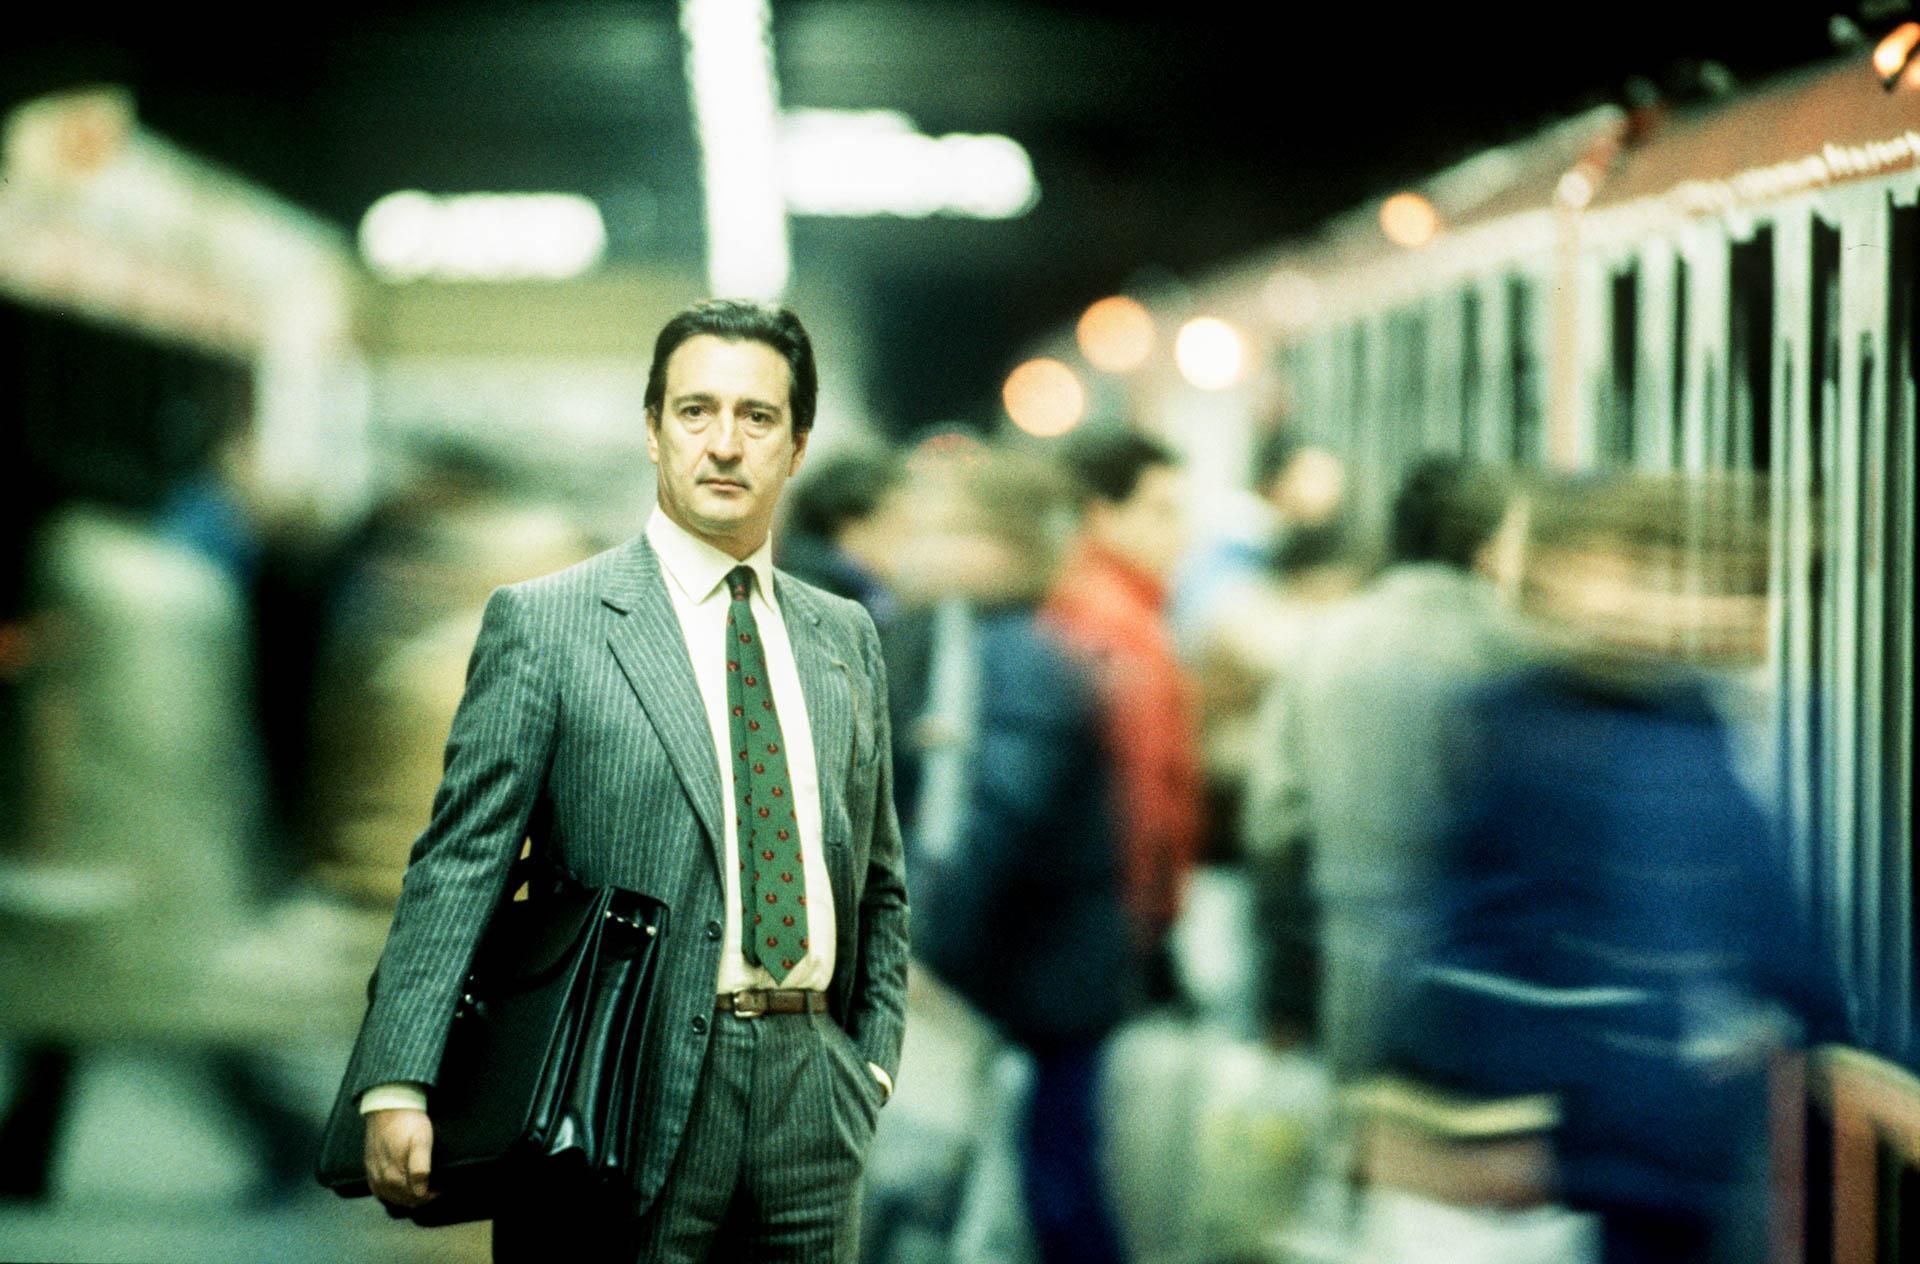 Milan, Italy - 2 February 1988Duke De Vargas Machuca Diego© GIANNI GIANSANTI